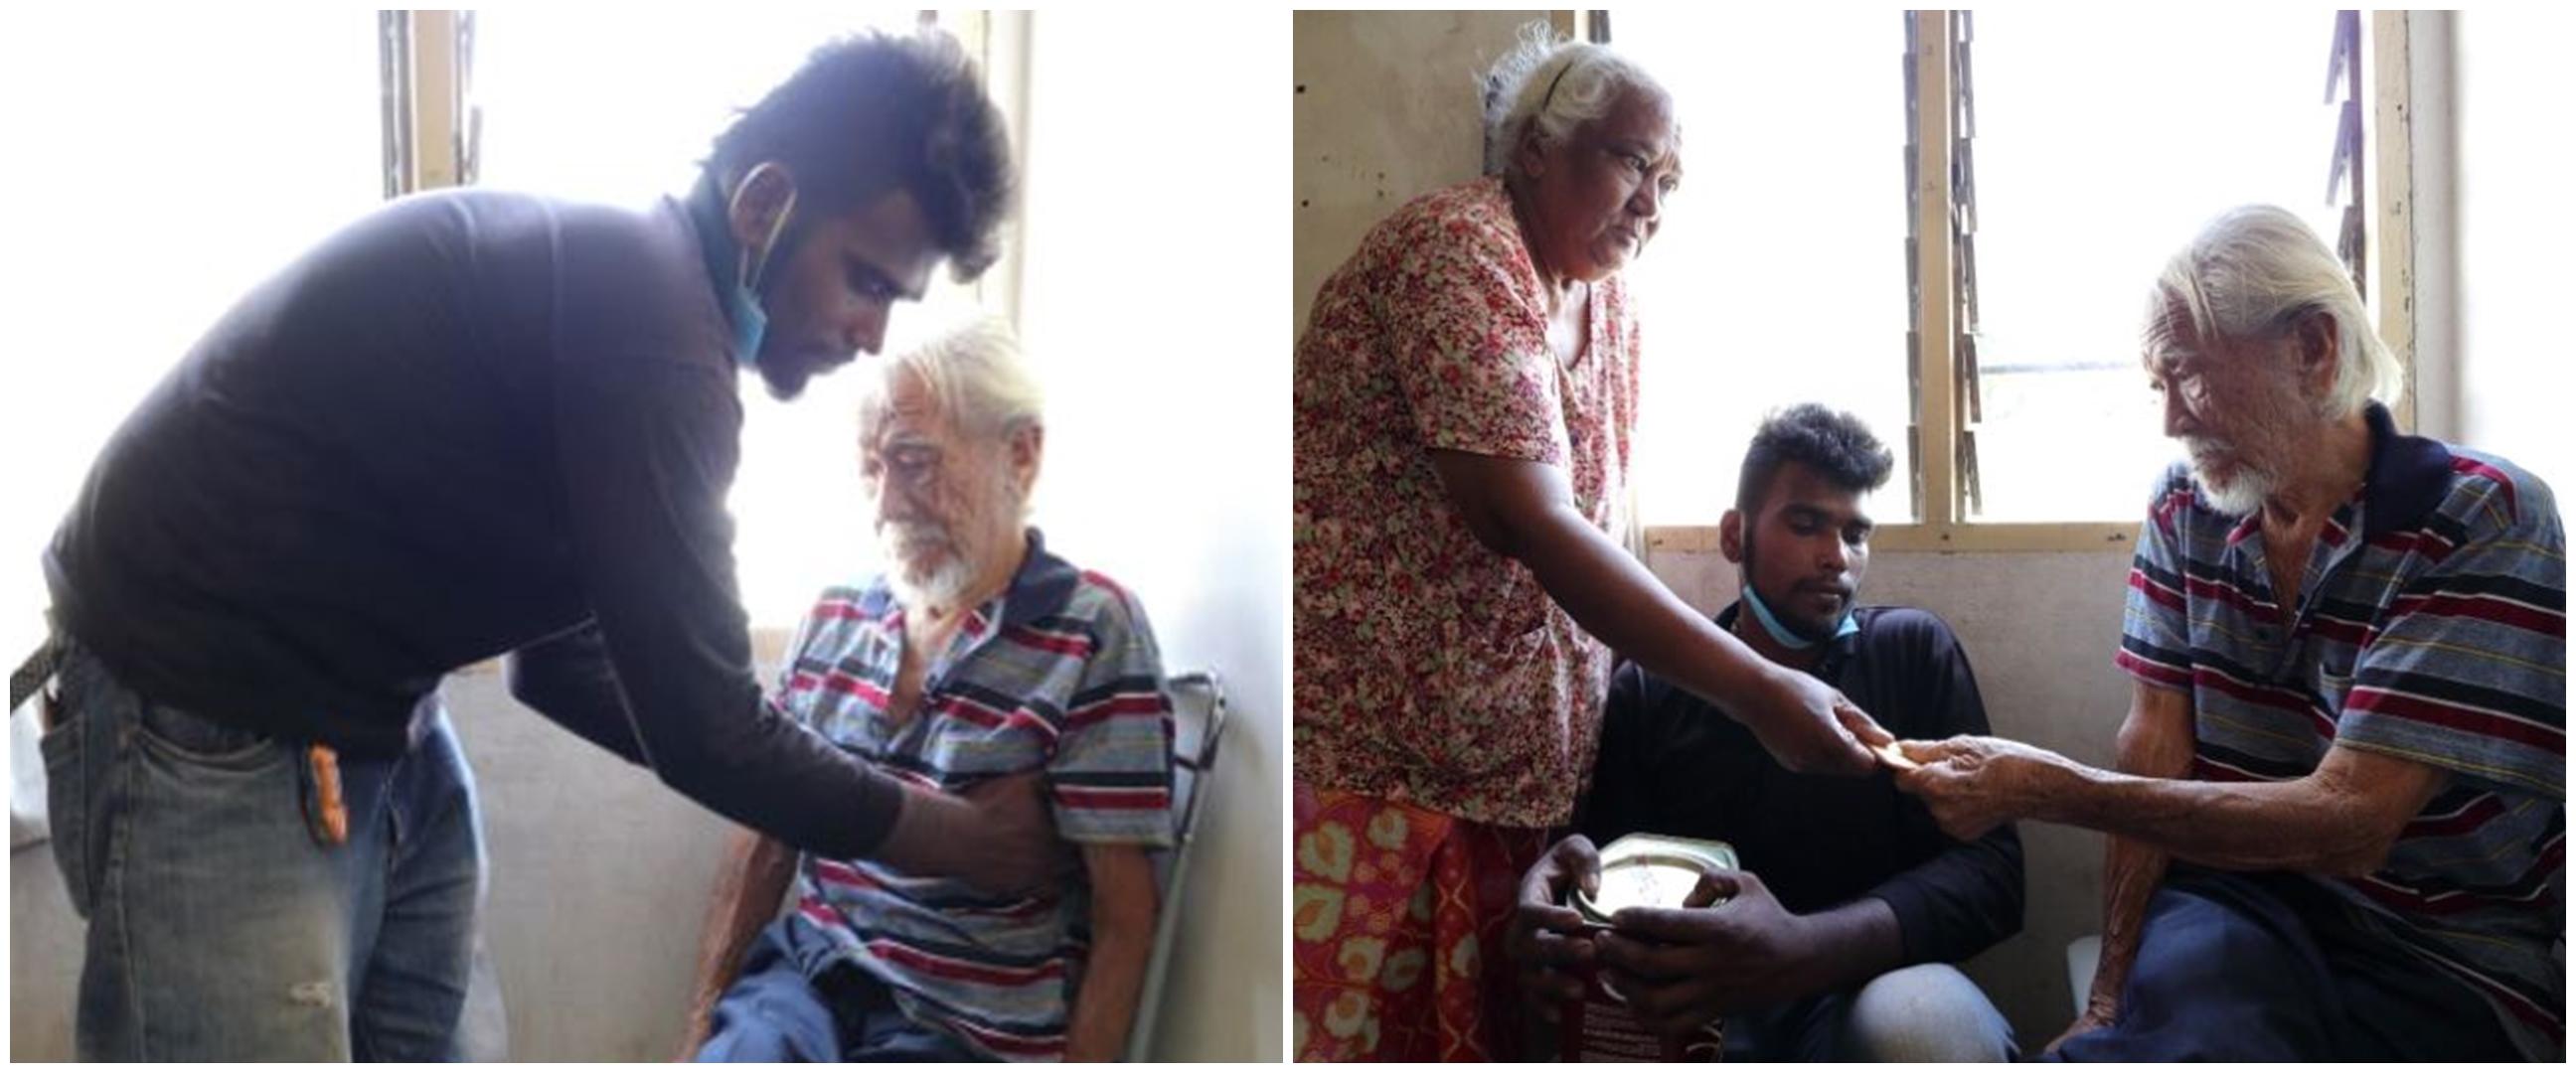 Kisah haru pemuda rawat nenek & tetangga berusia 87 tahun sekaligus